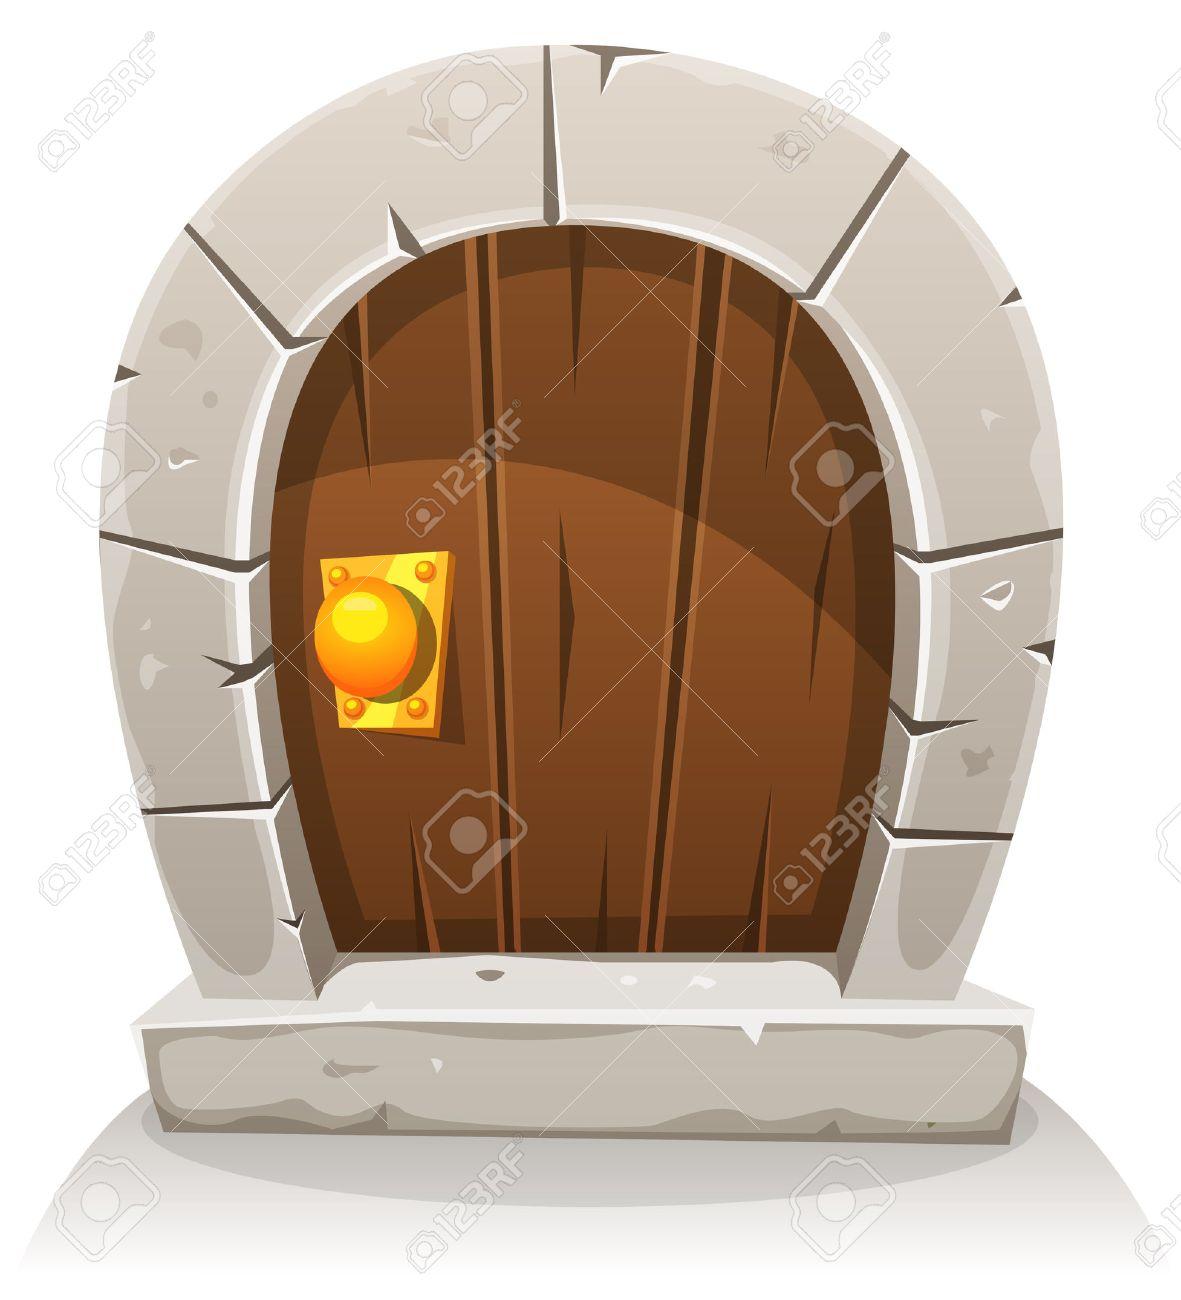 Ilustración De Un Hobbit Cómico Como La Pequeña Puerta De Madera ...